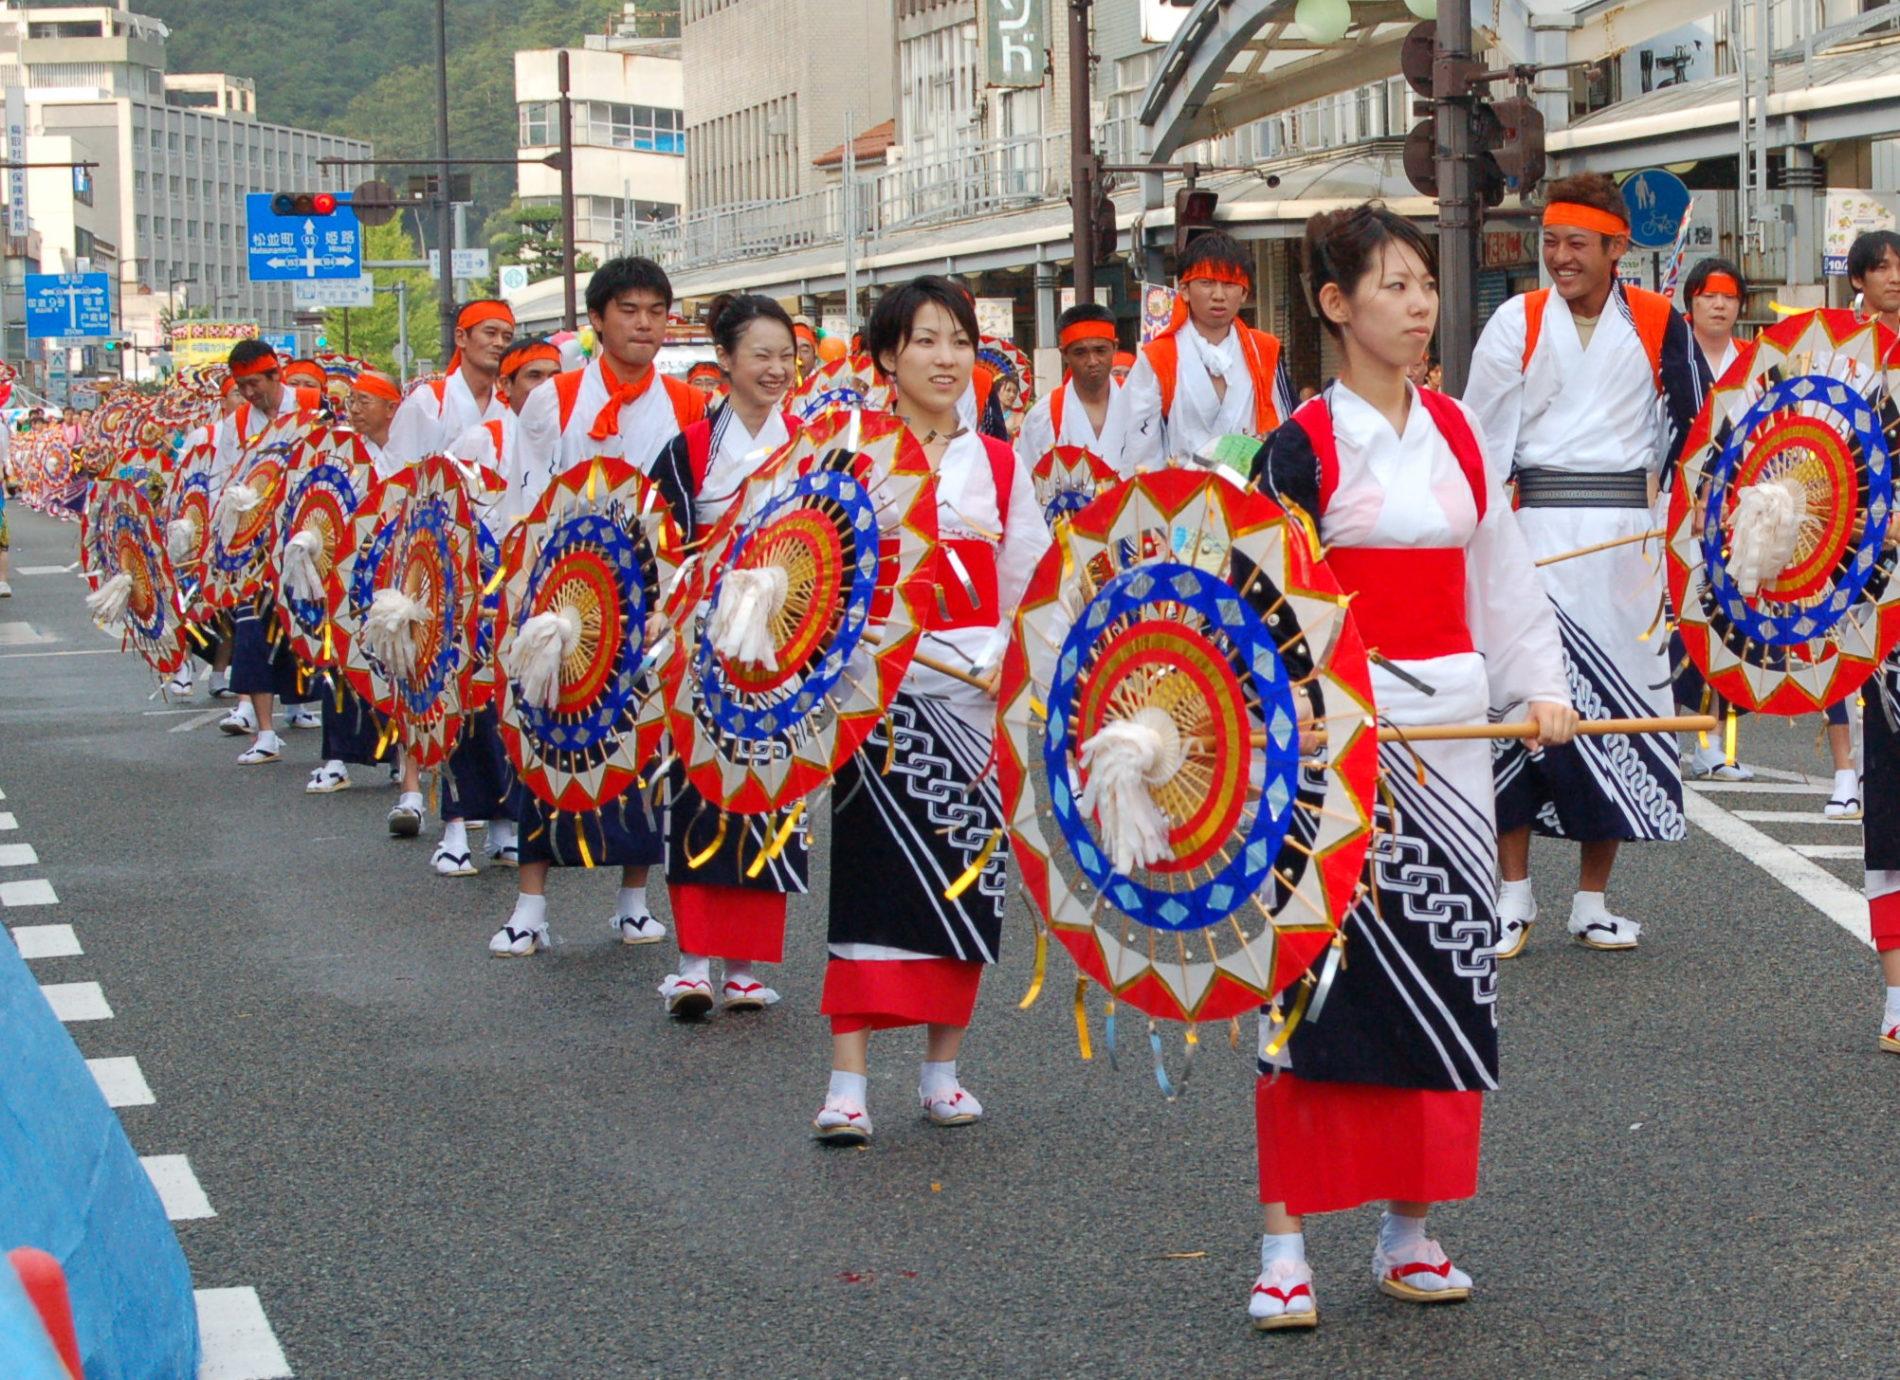 Laut, bunt, fröhlich – über 4.000 Teilnehmer tanzen beim Shanshan-Festival mit bunten Papierschirmen durch die Stadt Tottori. (Foto: Carampaima auf Wikimedia Commons https://commons.wikimedia.org/wiki/File:Kasa-odori_Parade.jpg Public Domain)